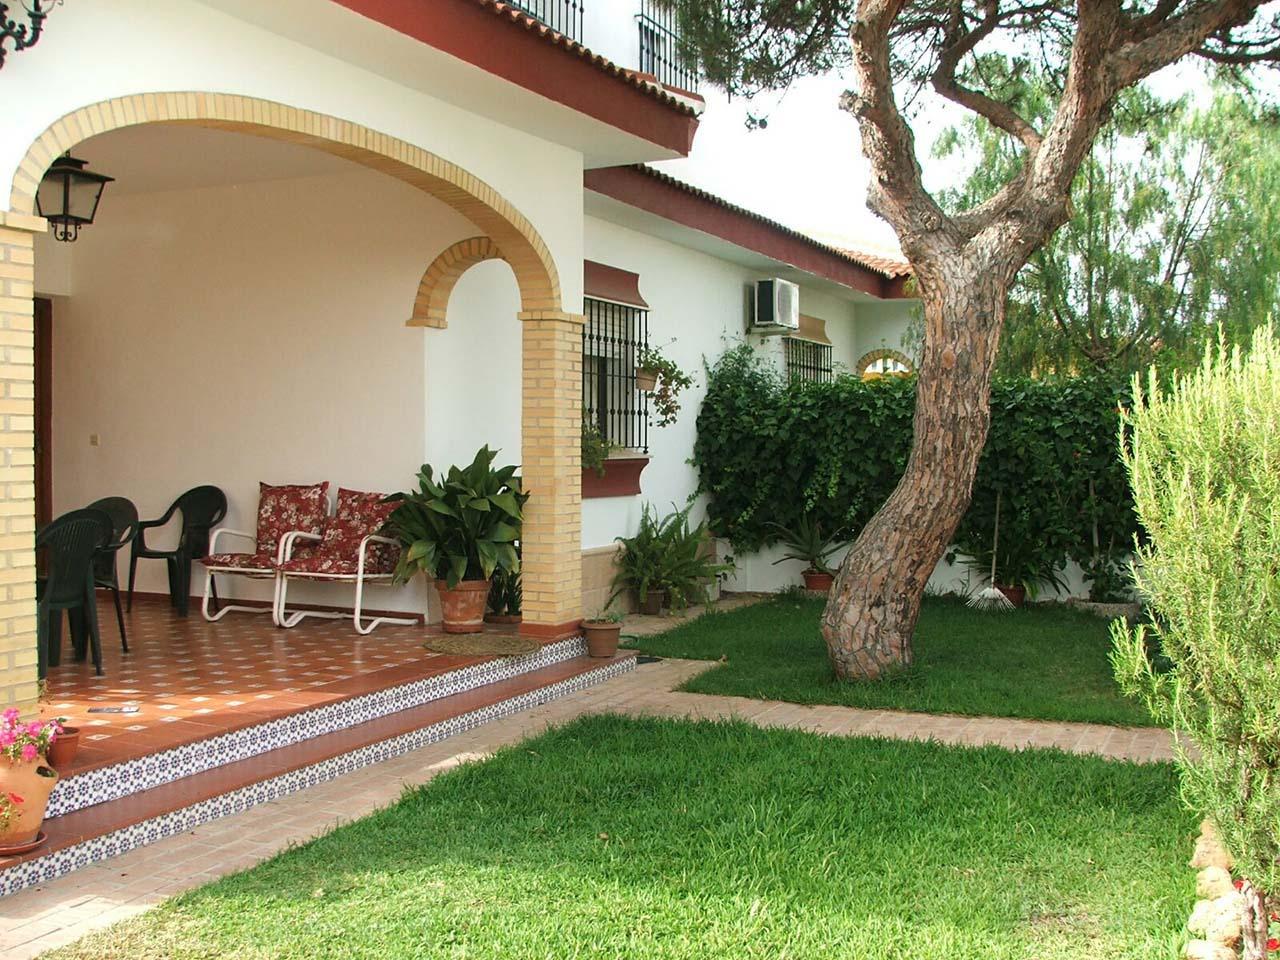 Chalet con jardín en Matalascañas, Huelva